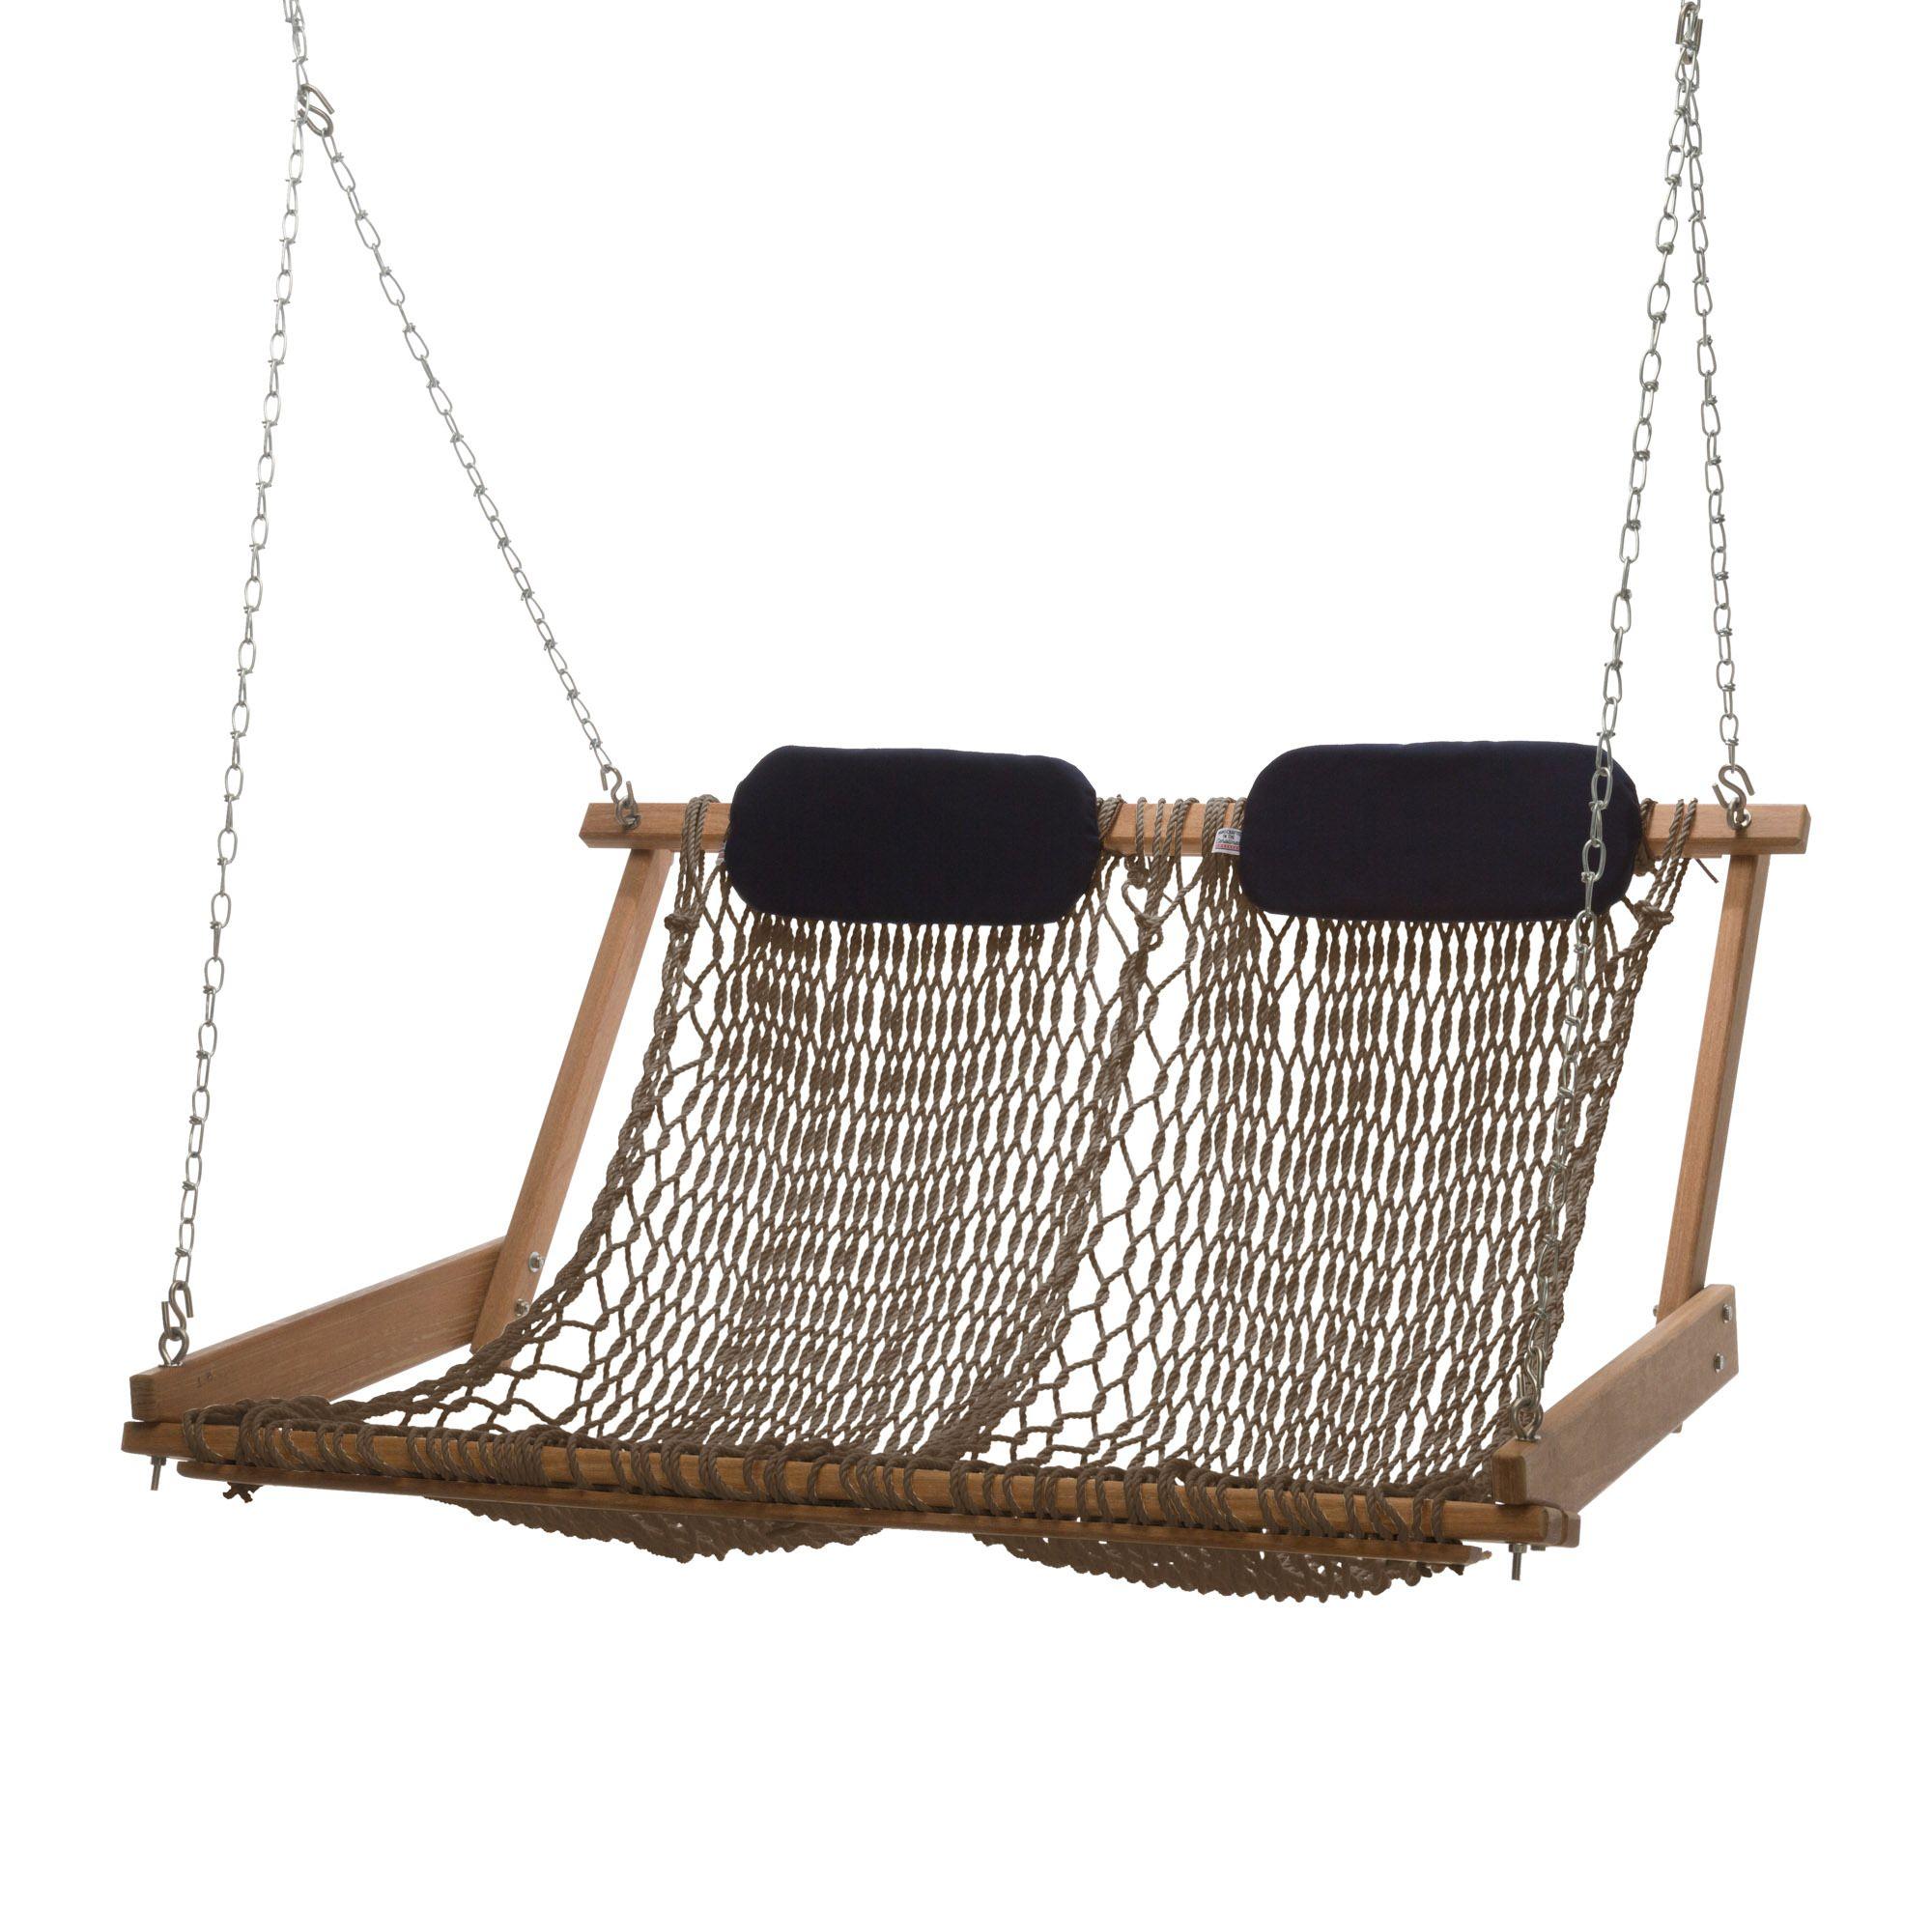 Original Cumaru Rope Porch Swing